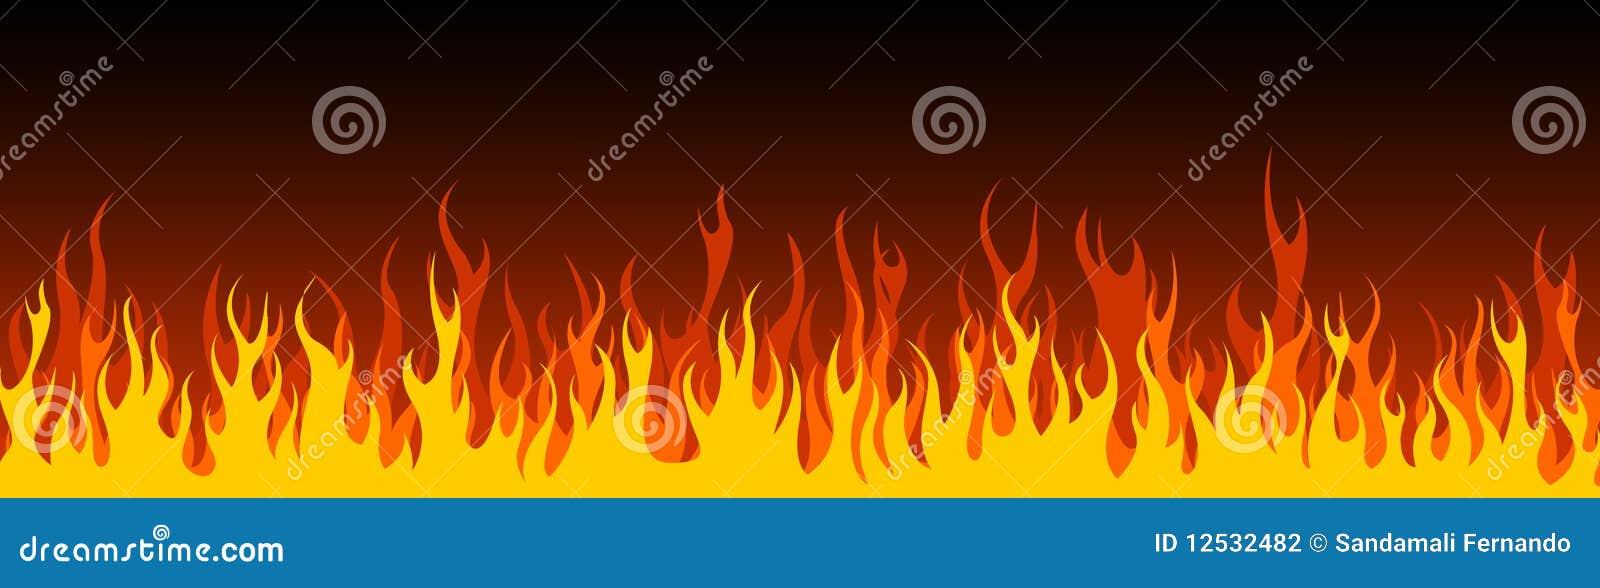 Feuerweb-Vorsatz/-fahne